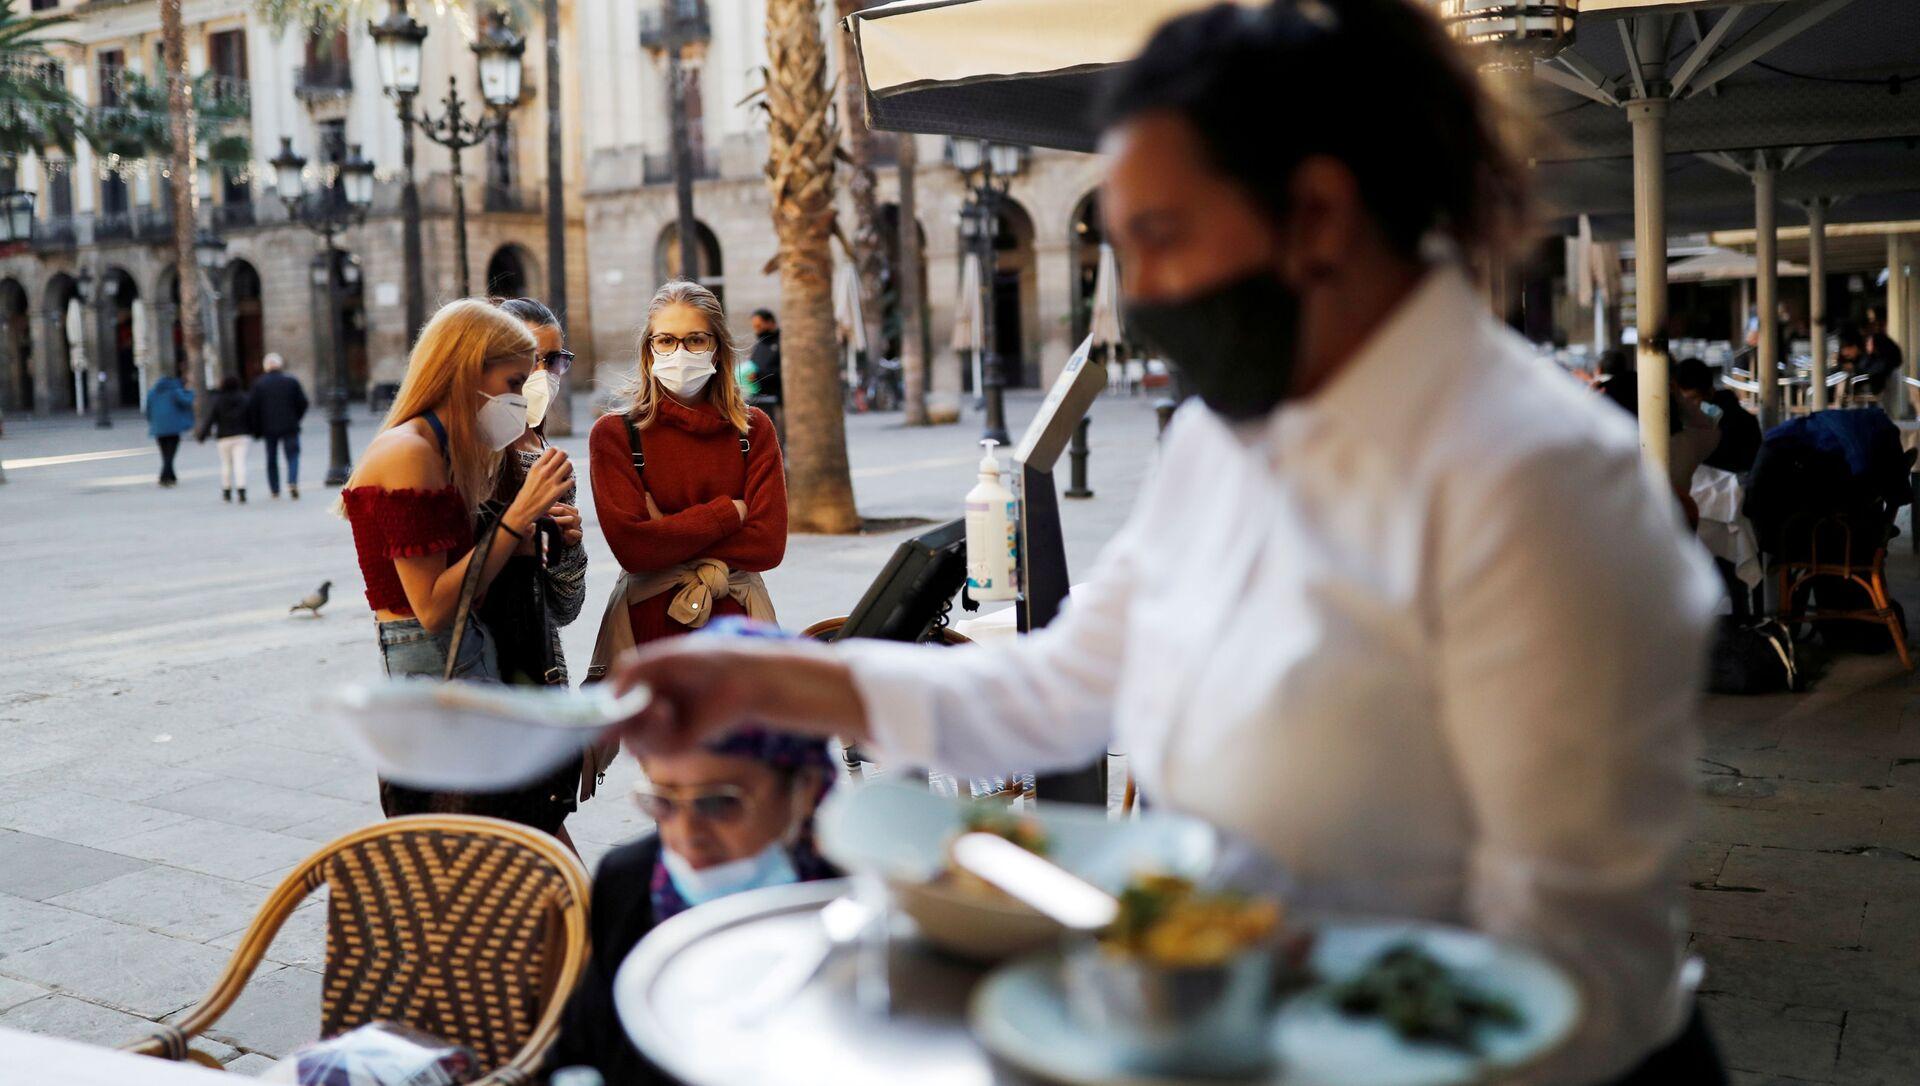 La gente en mascarillas en las calles de Barcelona - Sputnik Mundo, 1920, 30.12.2020